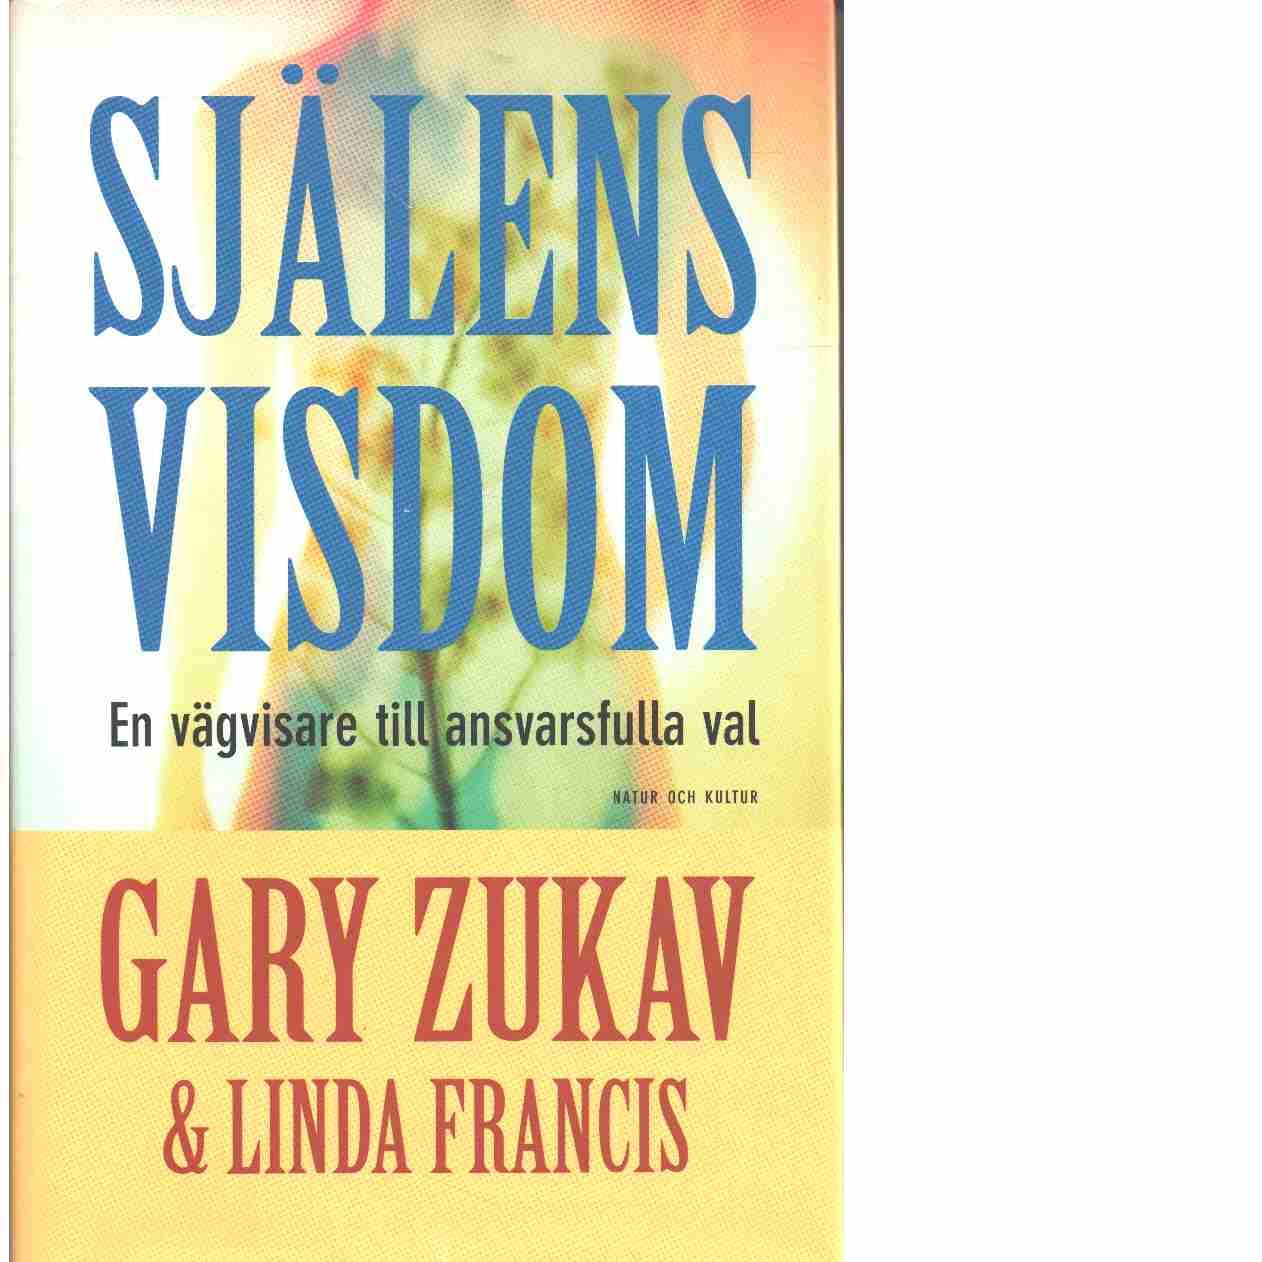 Själens visdom : en vägvisare till ansvarsfulla val  - Zukav, Gary och Francis, Linda